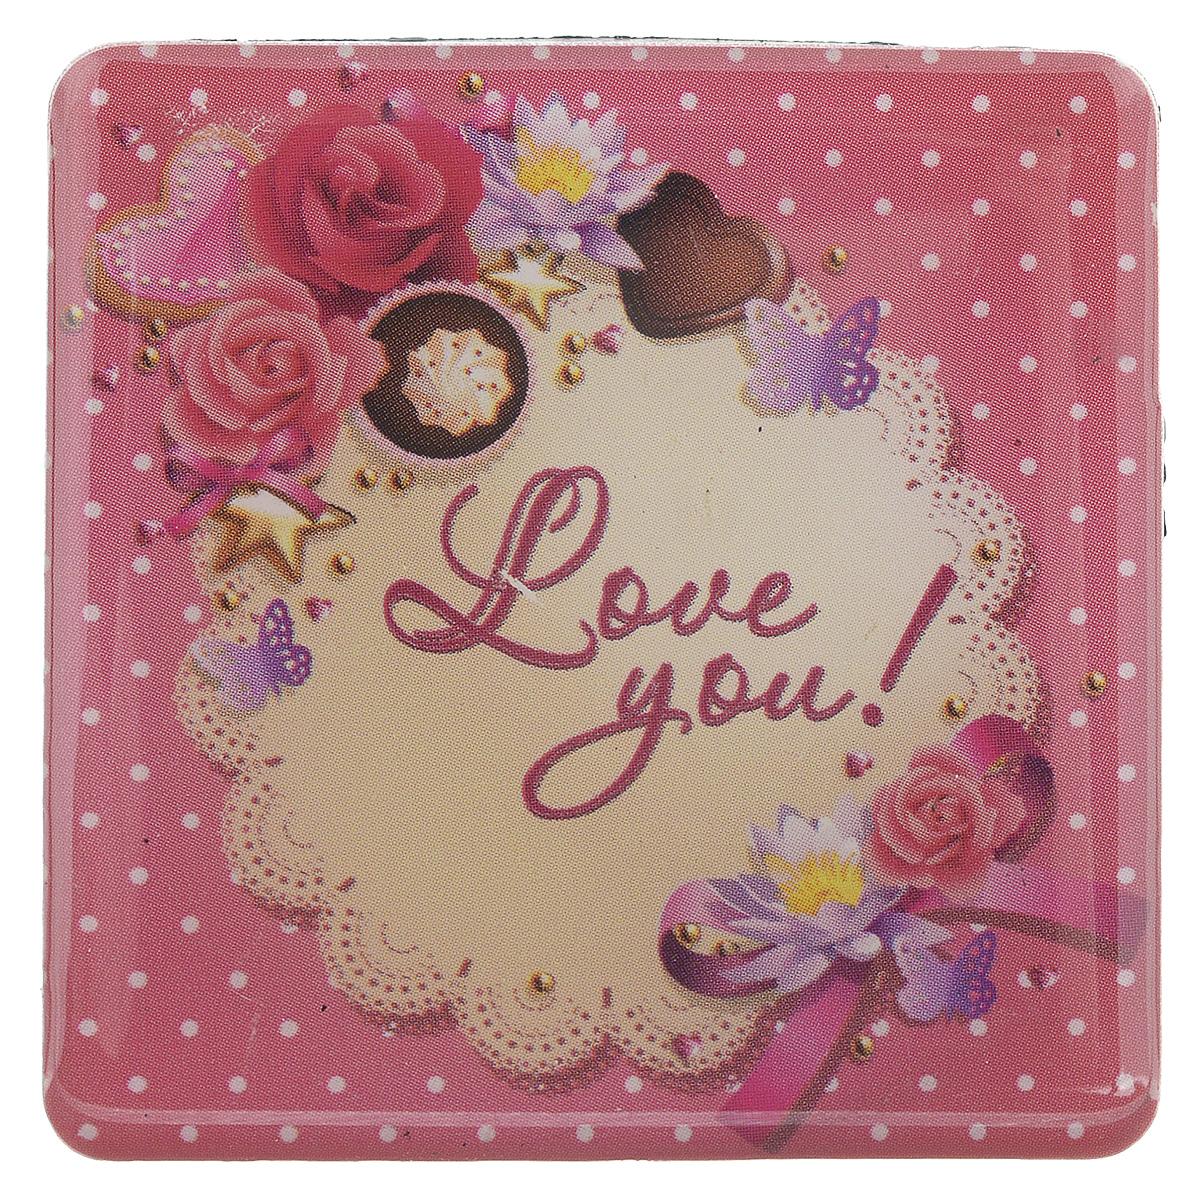 Магнит Феникс-презент Love You!, 5 x 5 см31529Магнит квадратной формы Феникс-презент Love You!, выполненный из агломерированного феррита, станет приятным штрихом в повседневной жизни. Оригинальный магнит, декорированный изображением цветов, поможет вам украсить не только холодильник, но и любую другую магнитную поверхность. Материал: агломерированный феррит.